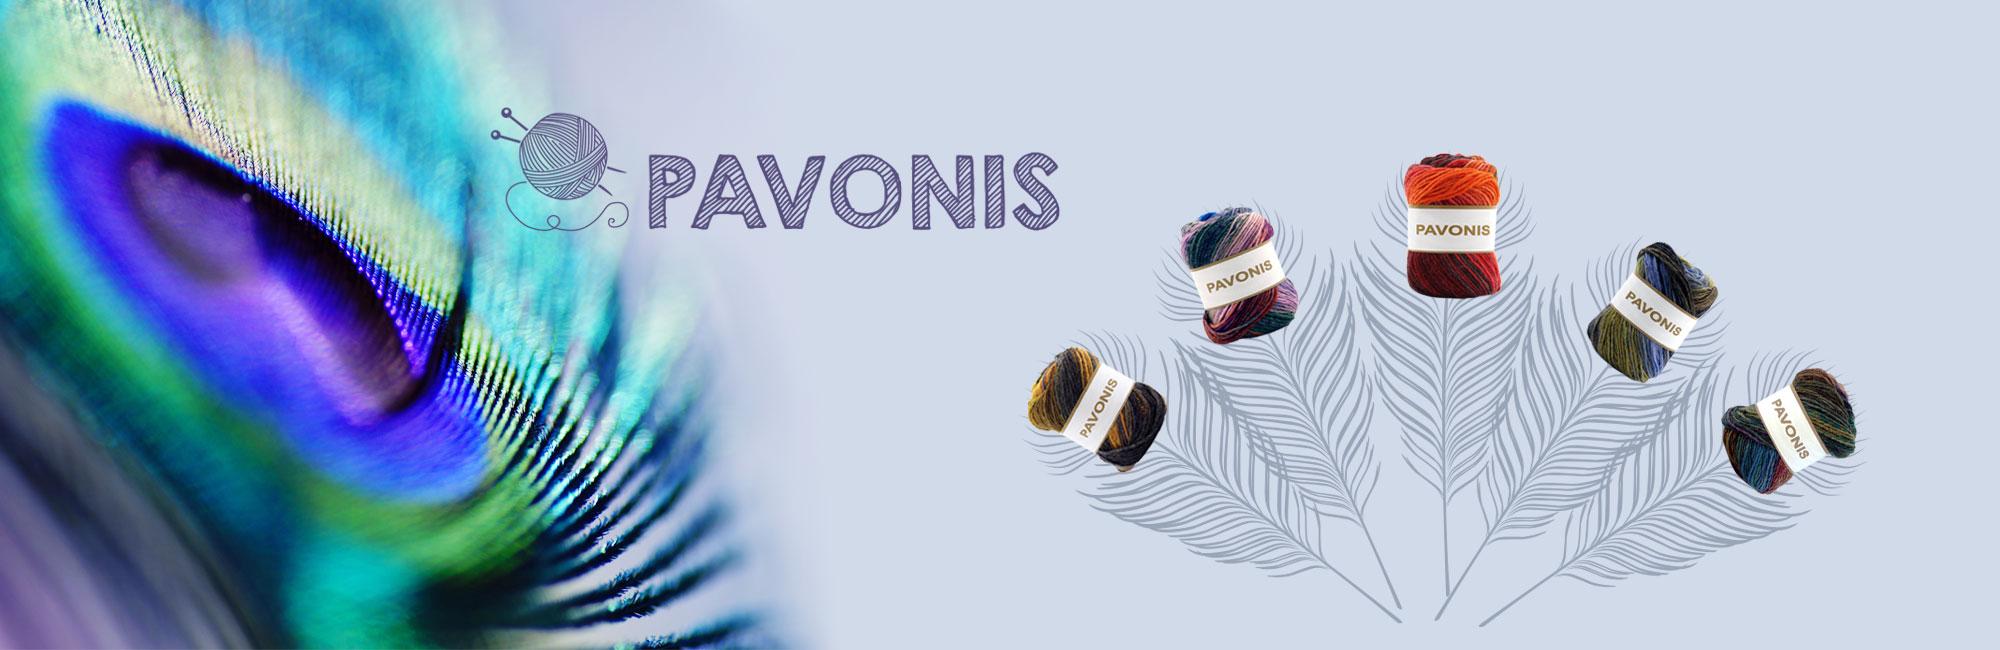 pavonis_2000x650px